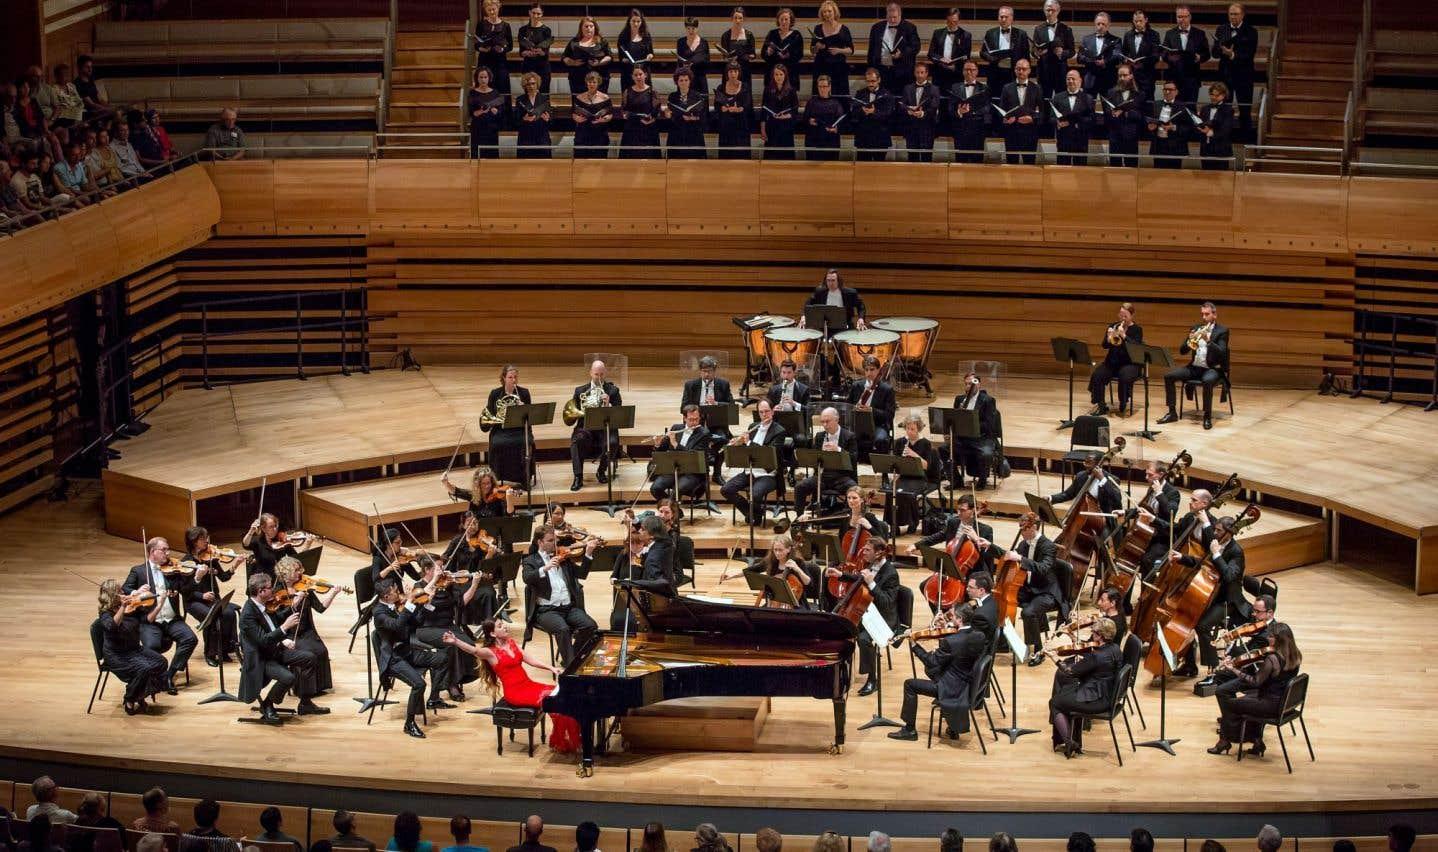 L'héroïne de la soirée fut la pianiste Nareh Arghamanyan. On n'attendait pas un tel niveau de finesse, de dialogue et de finition dans une œuvre aussi pointue de Beethoven de la part de la pianiste arménienne, qui remplaçait Till Fellner à une semaine d'avis.